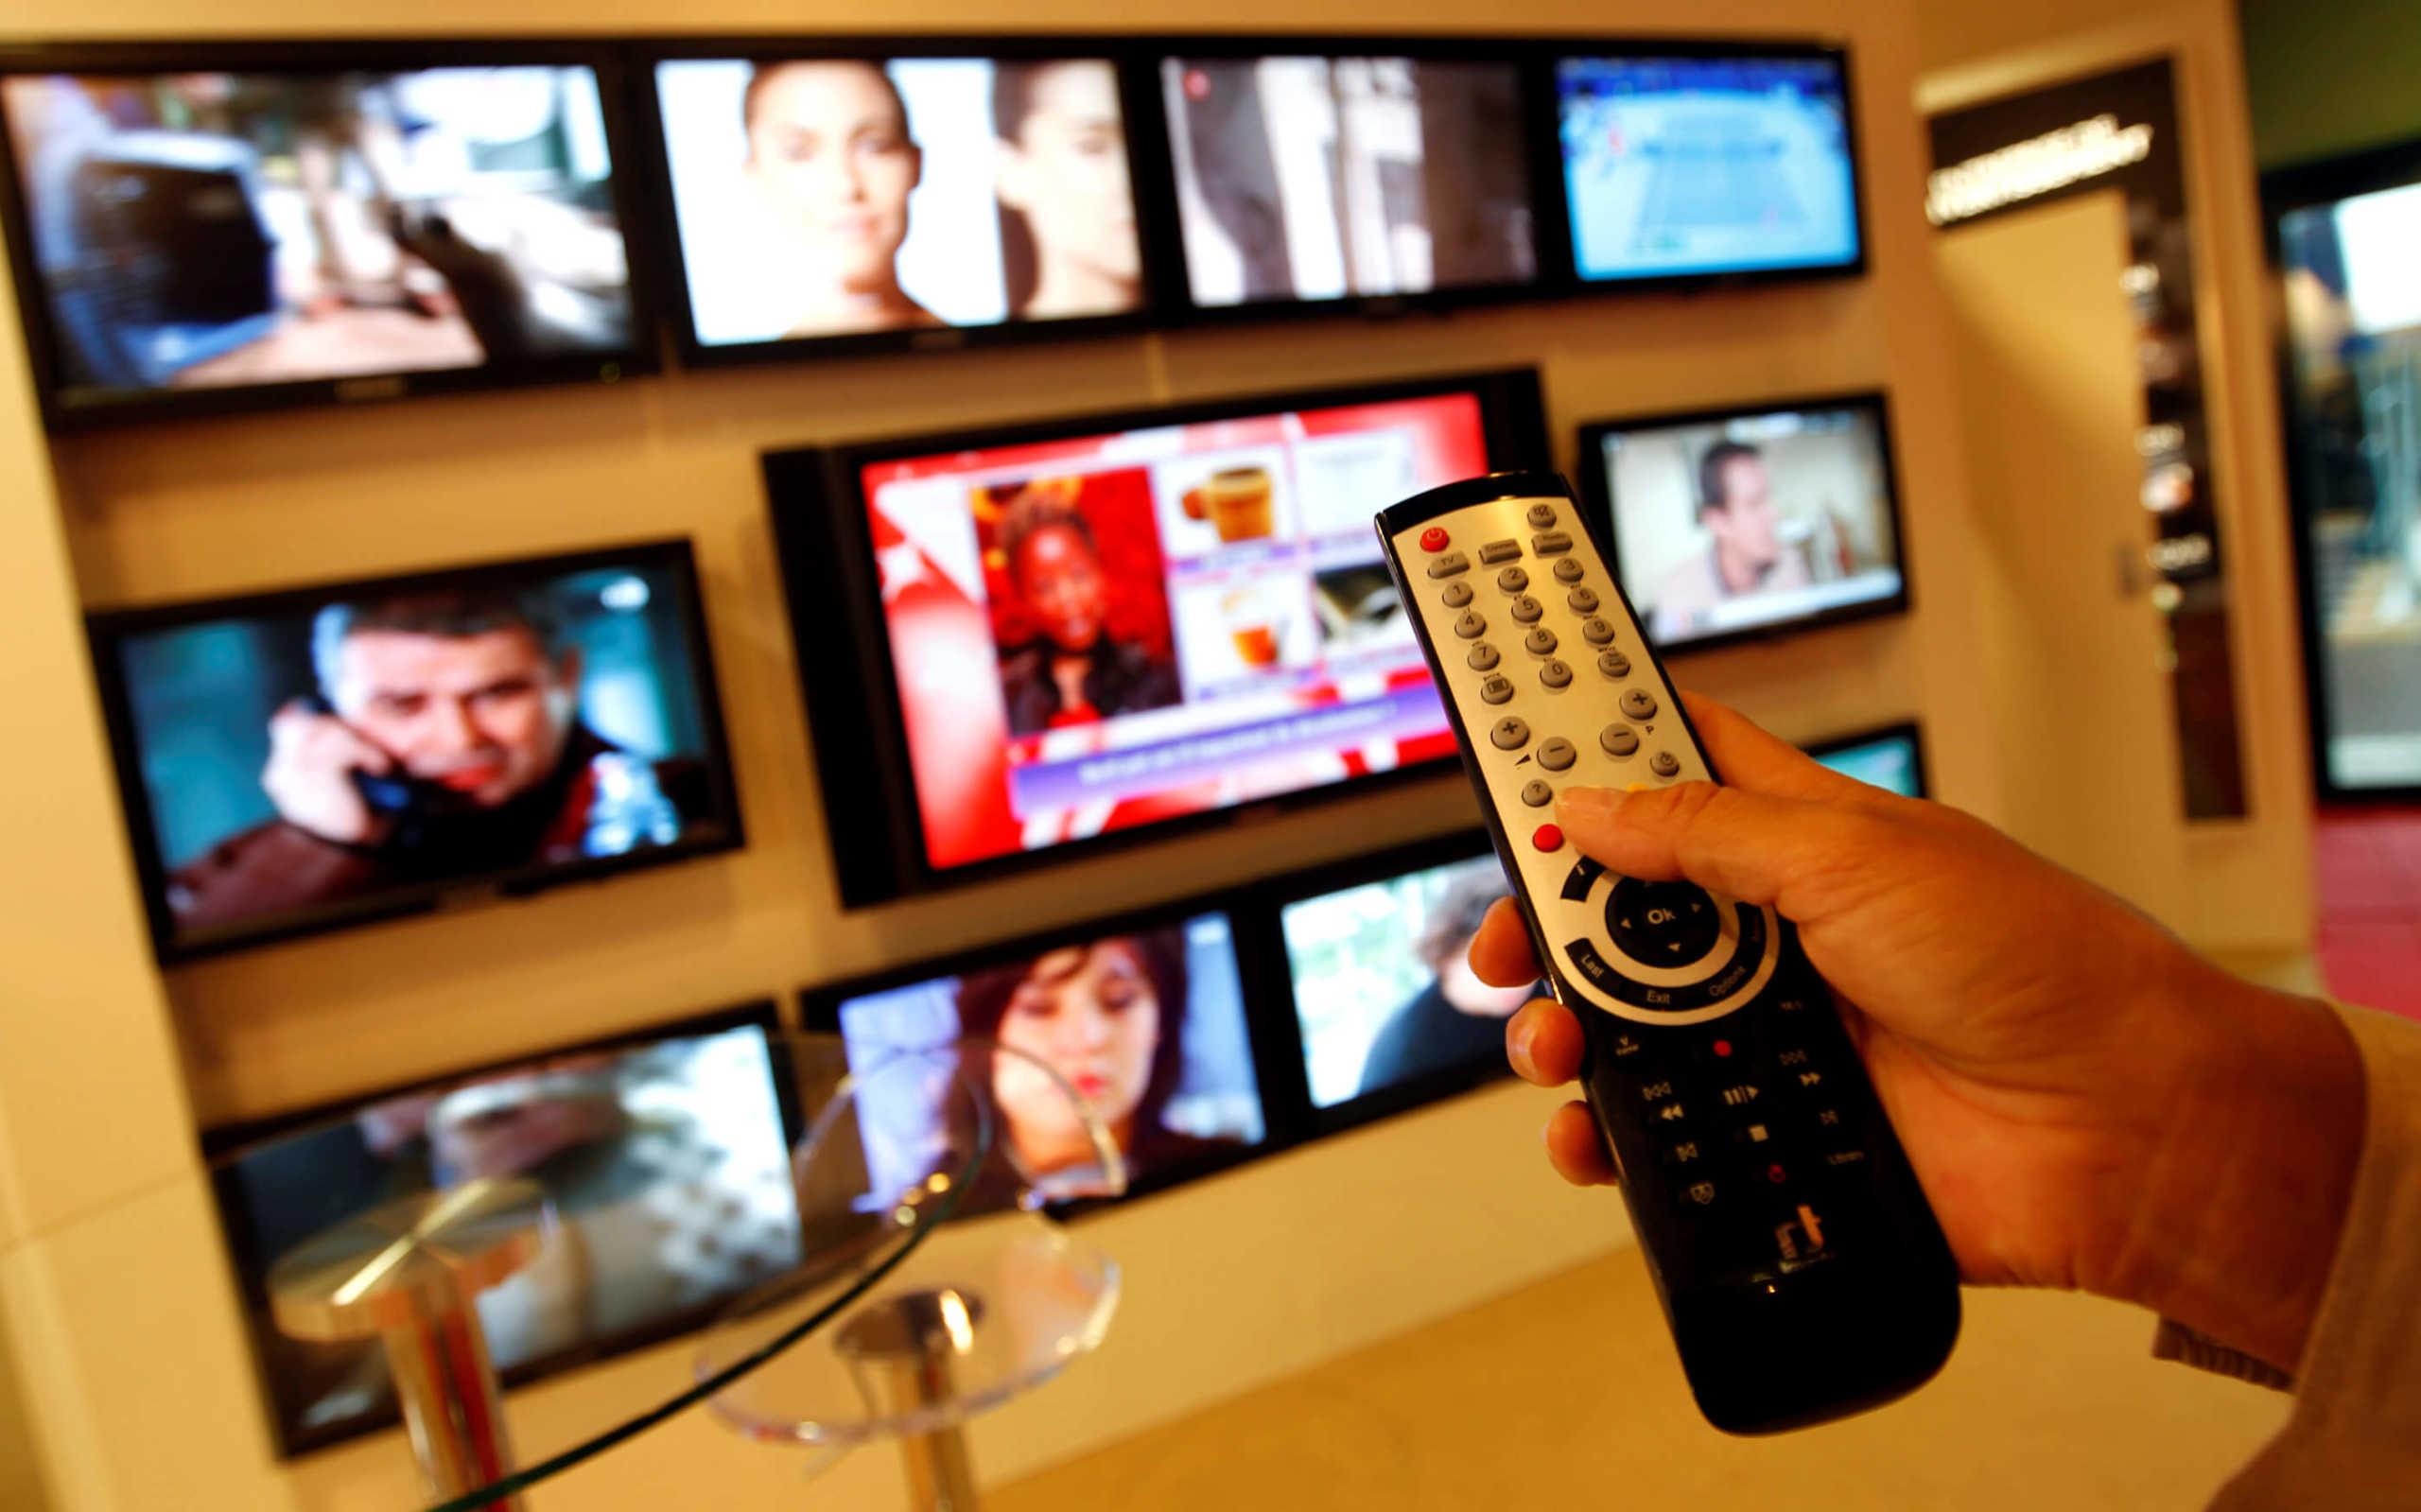 τηλεκοντρόλ τηλεόραση